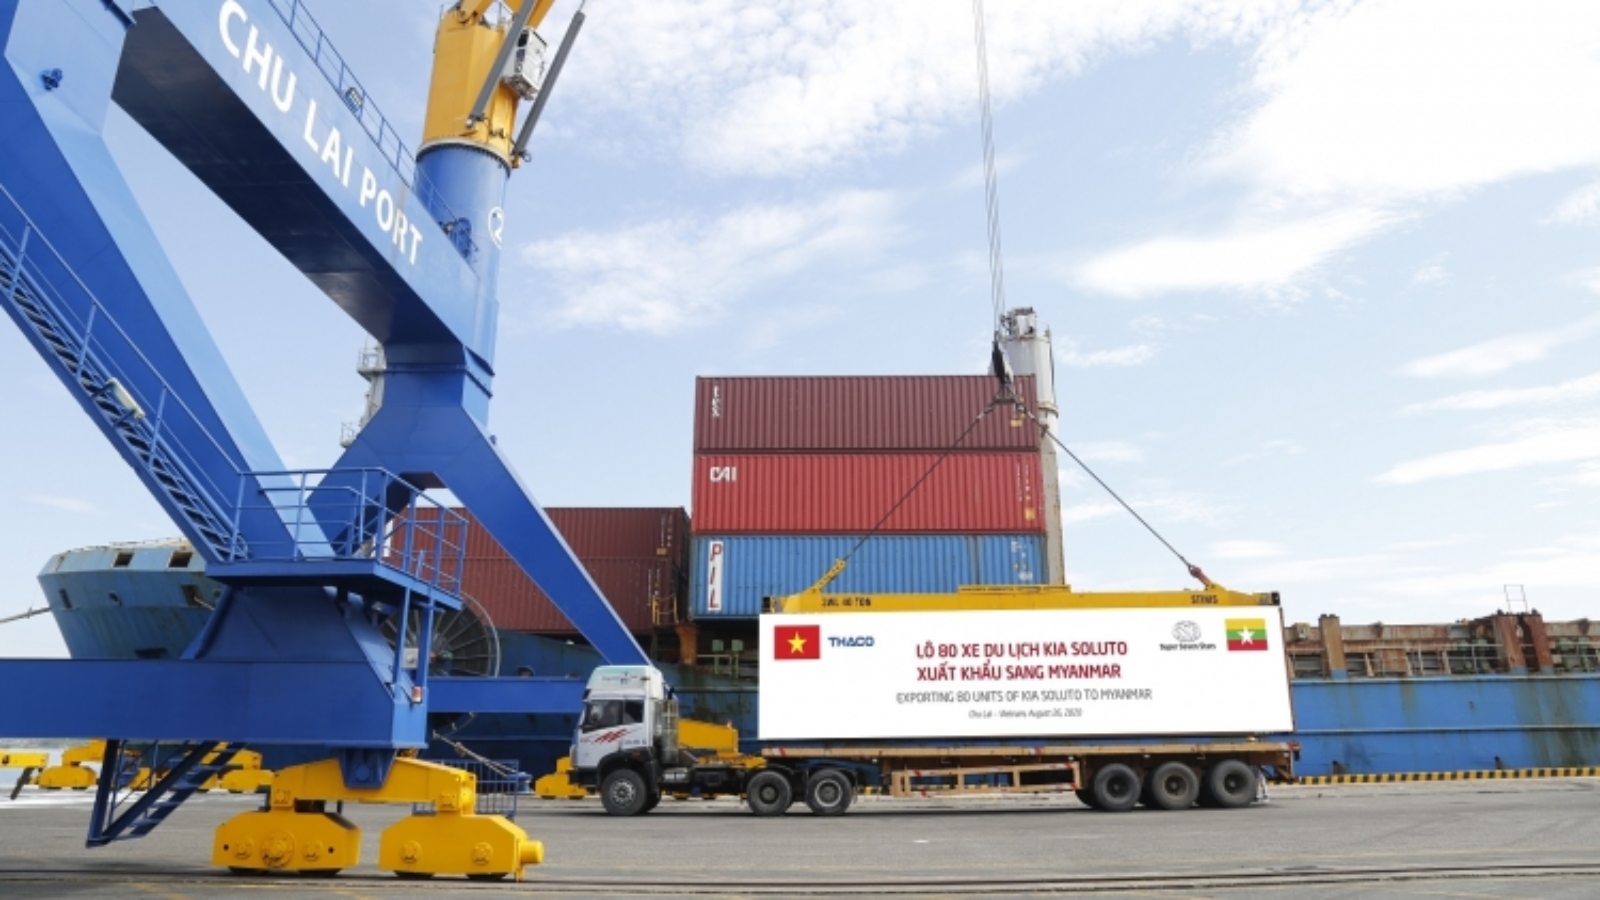 Thaco xuất khẩu 80 xe Kia sang Myanmar